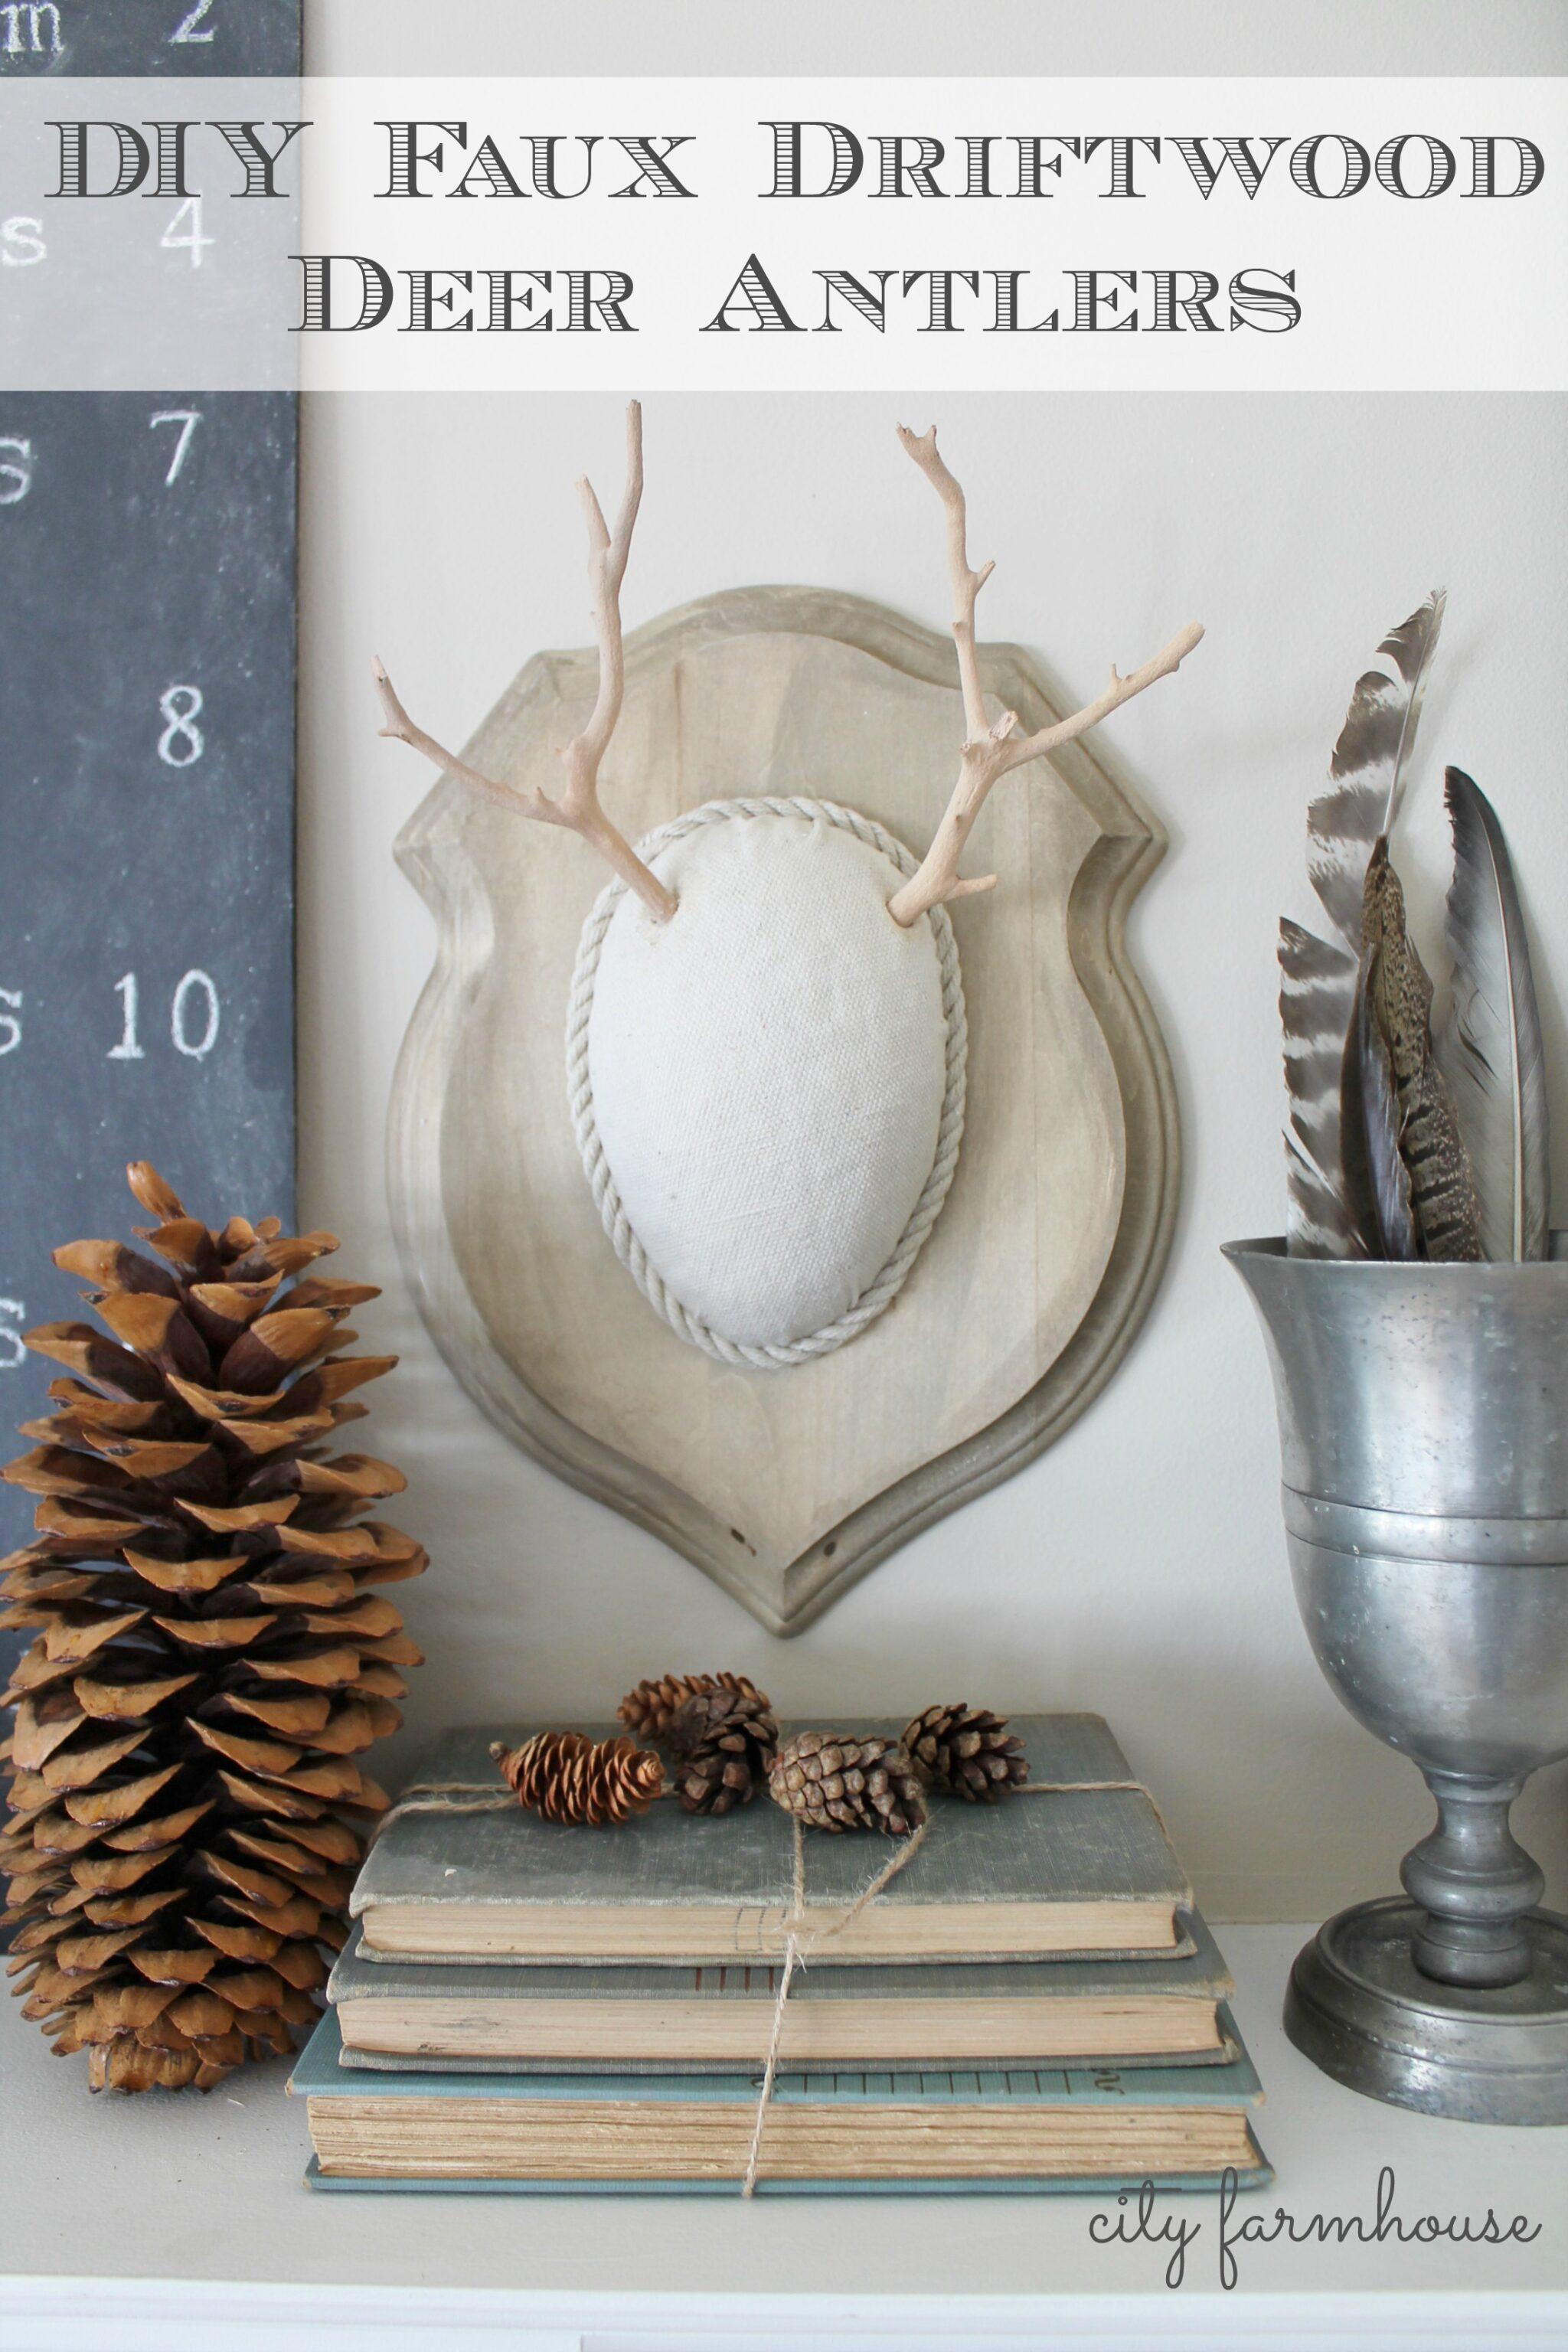 DIY Faux Driftwood Deer Antlers